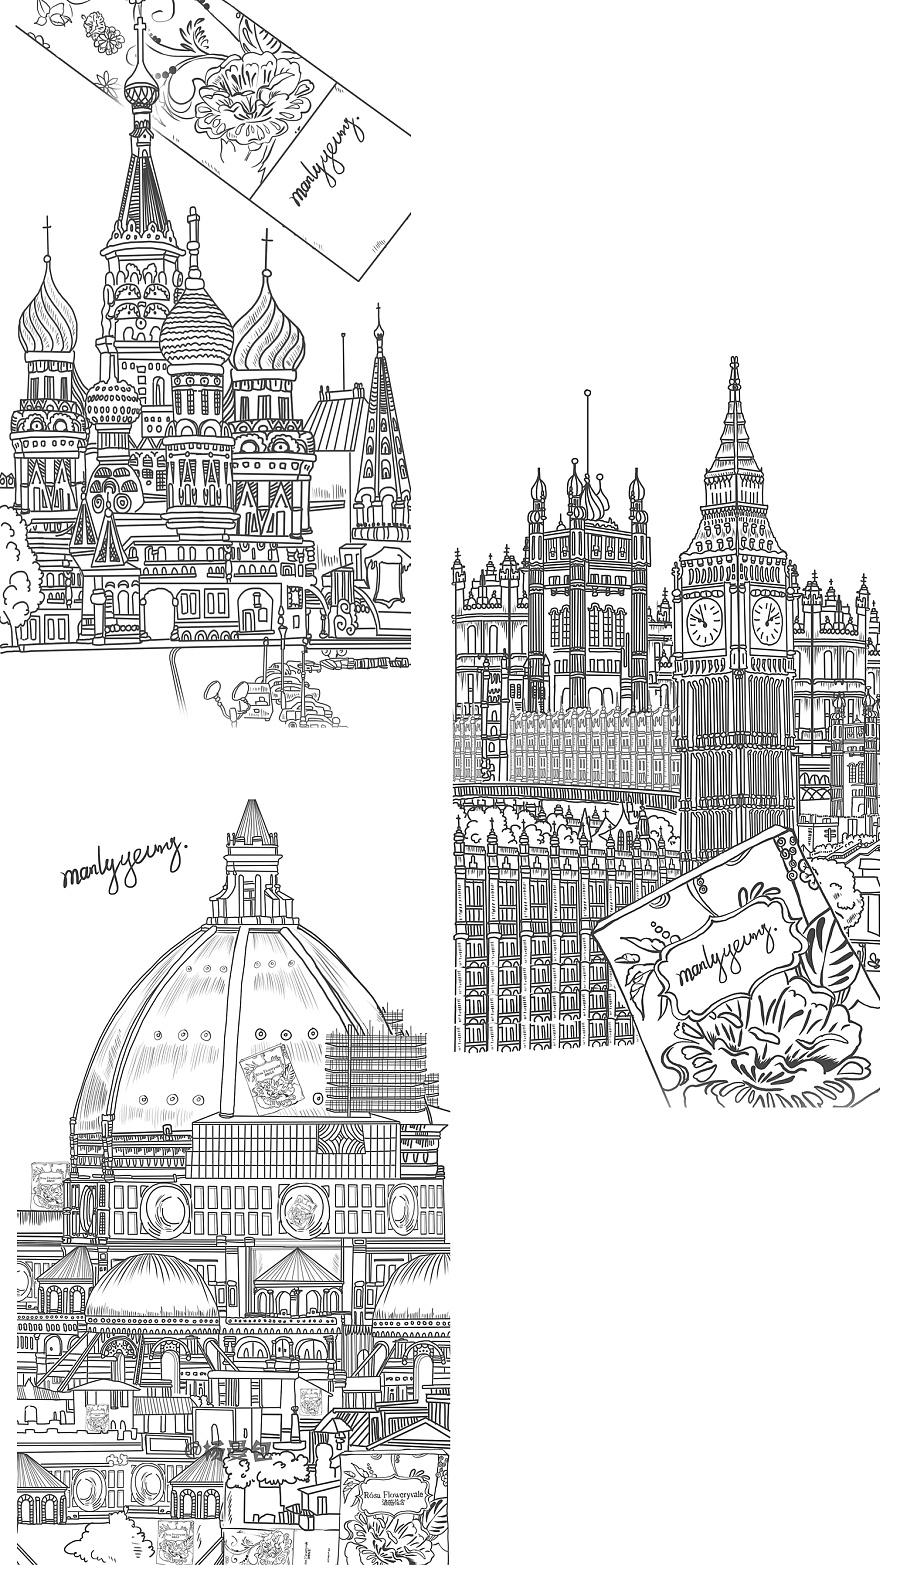 【原创】风景手绘插画—《带你环游世界》合集